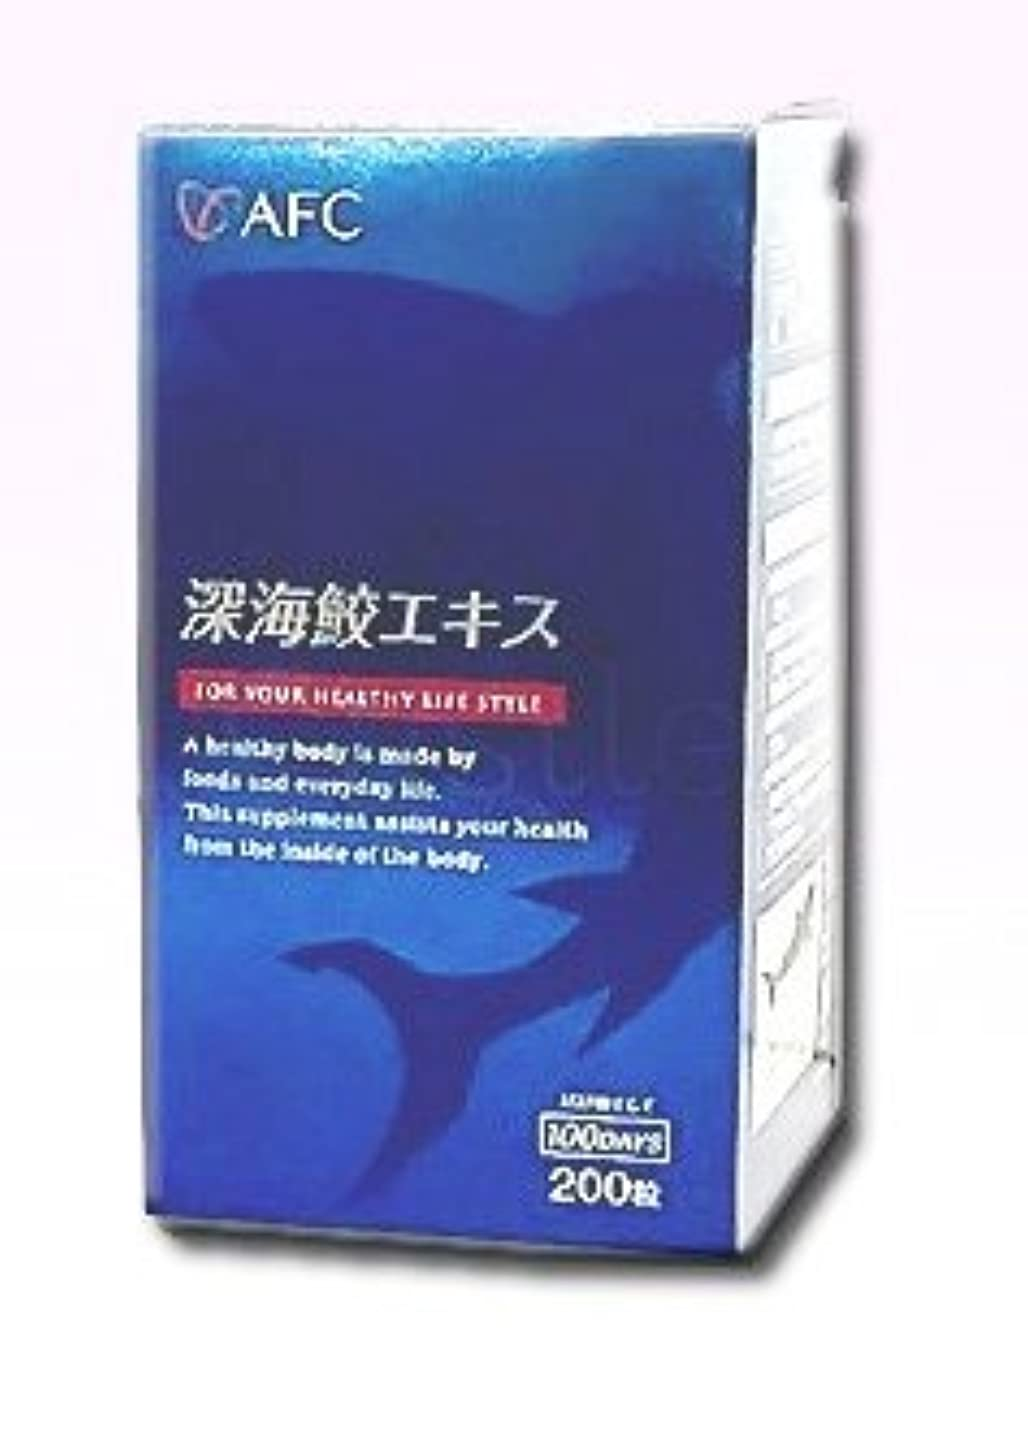 証拠ボイド第五AFC 深海鮫エキス 200粒